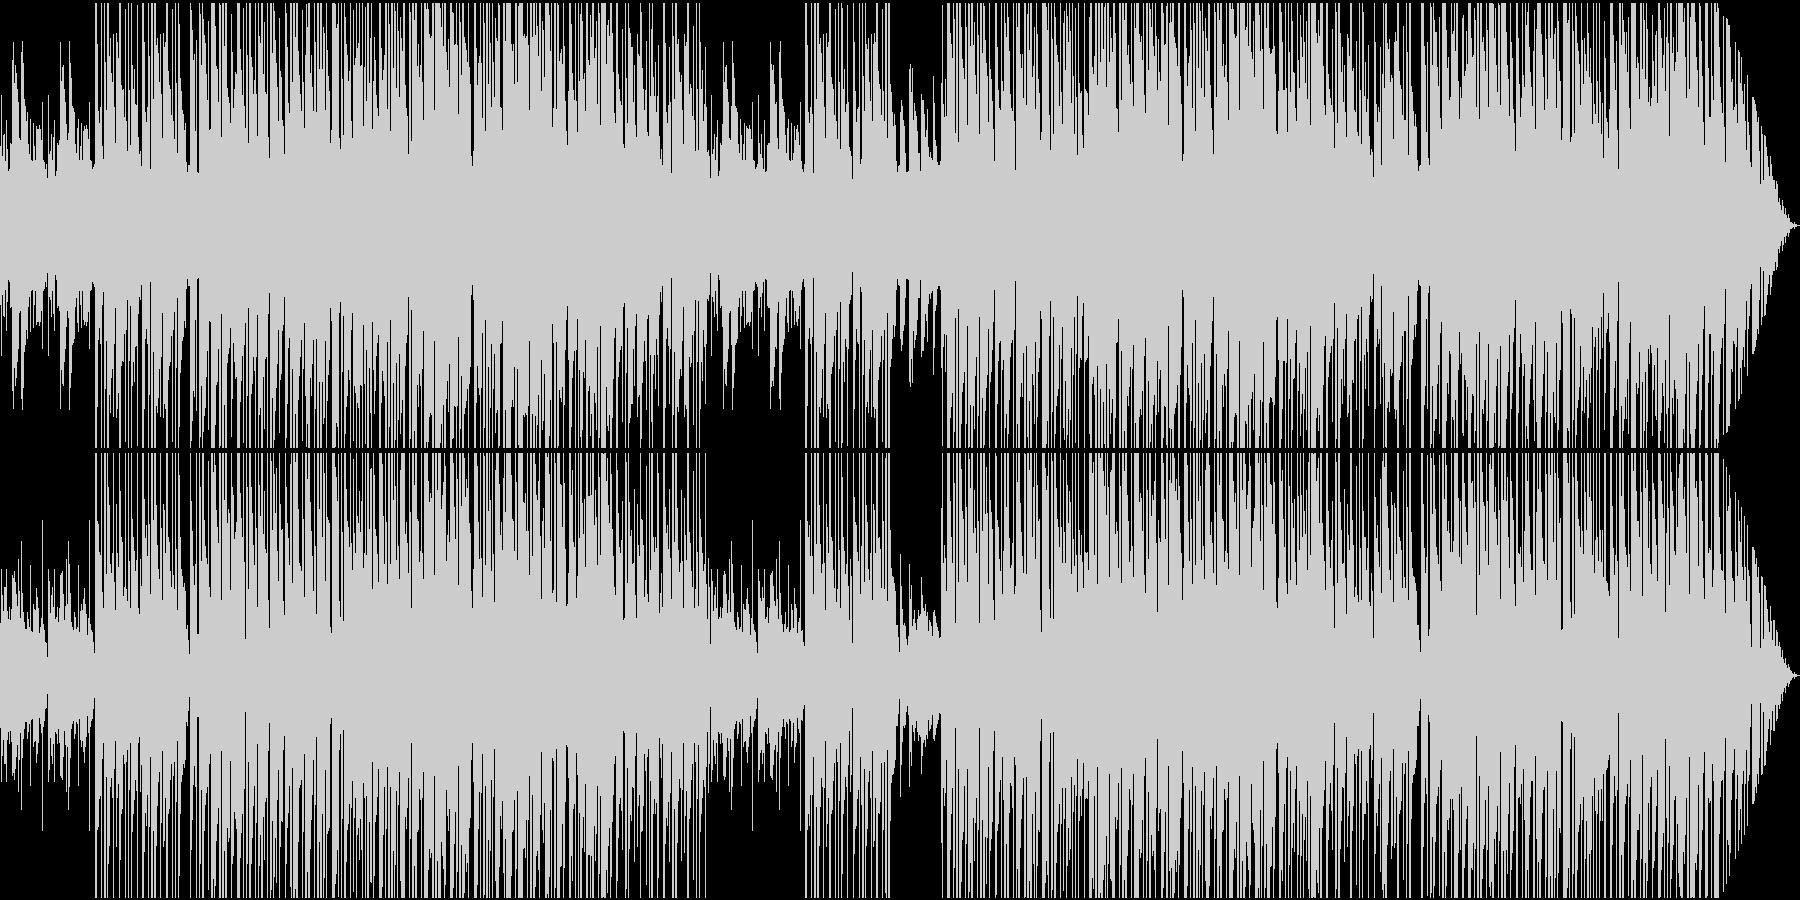 リラック系静かなバラードジャズメロ無しの未再生の波形